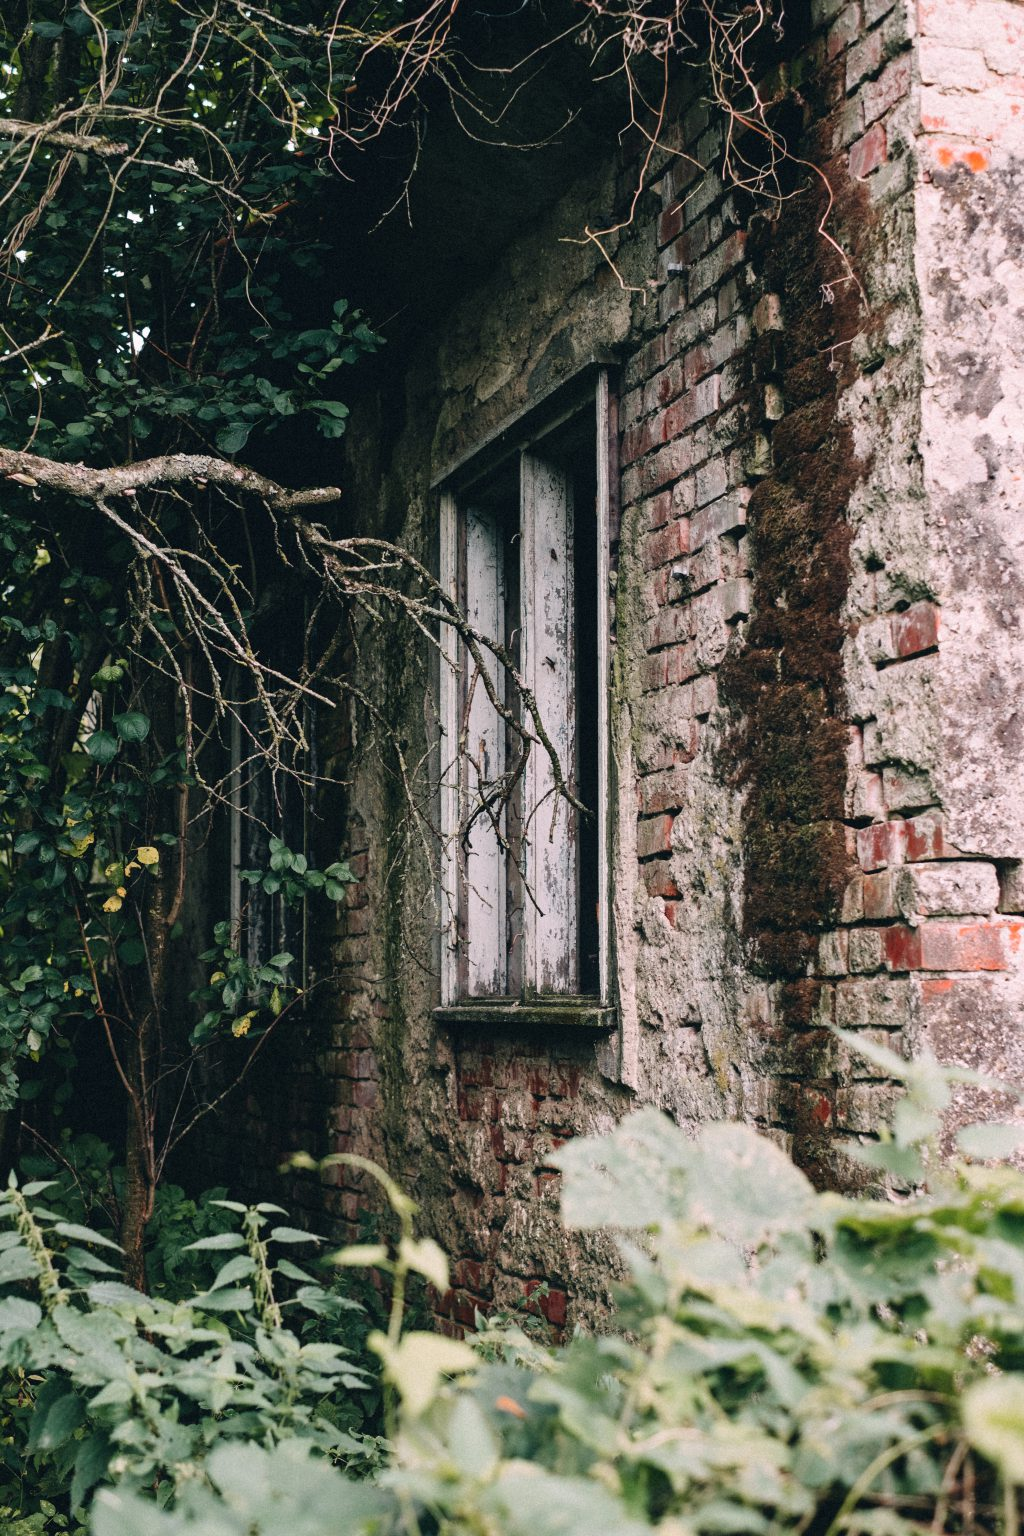 Abandoned ruined house 7 - free stock photo